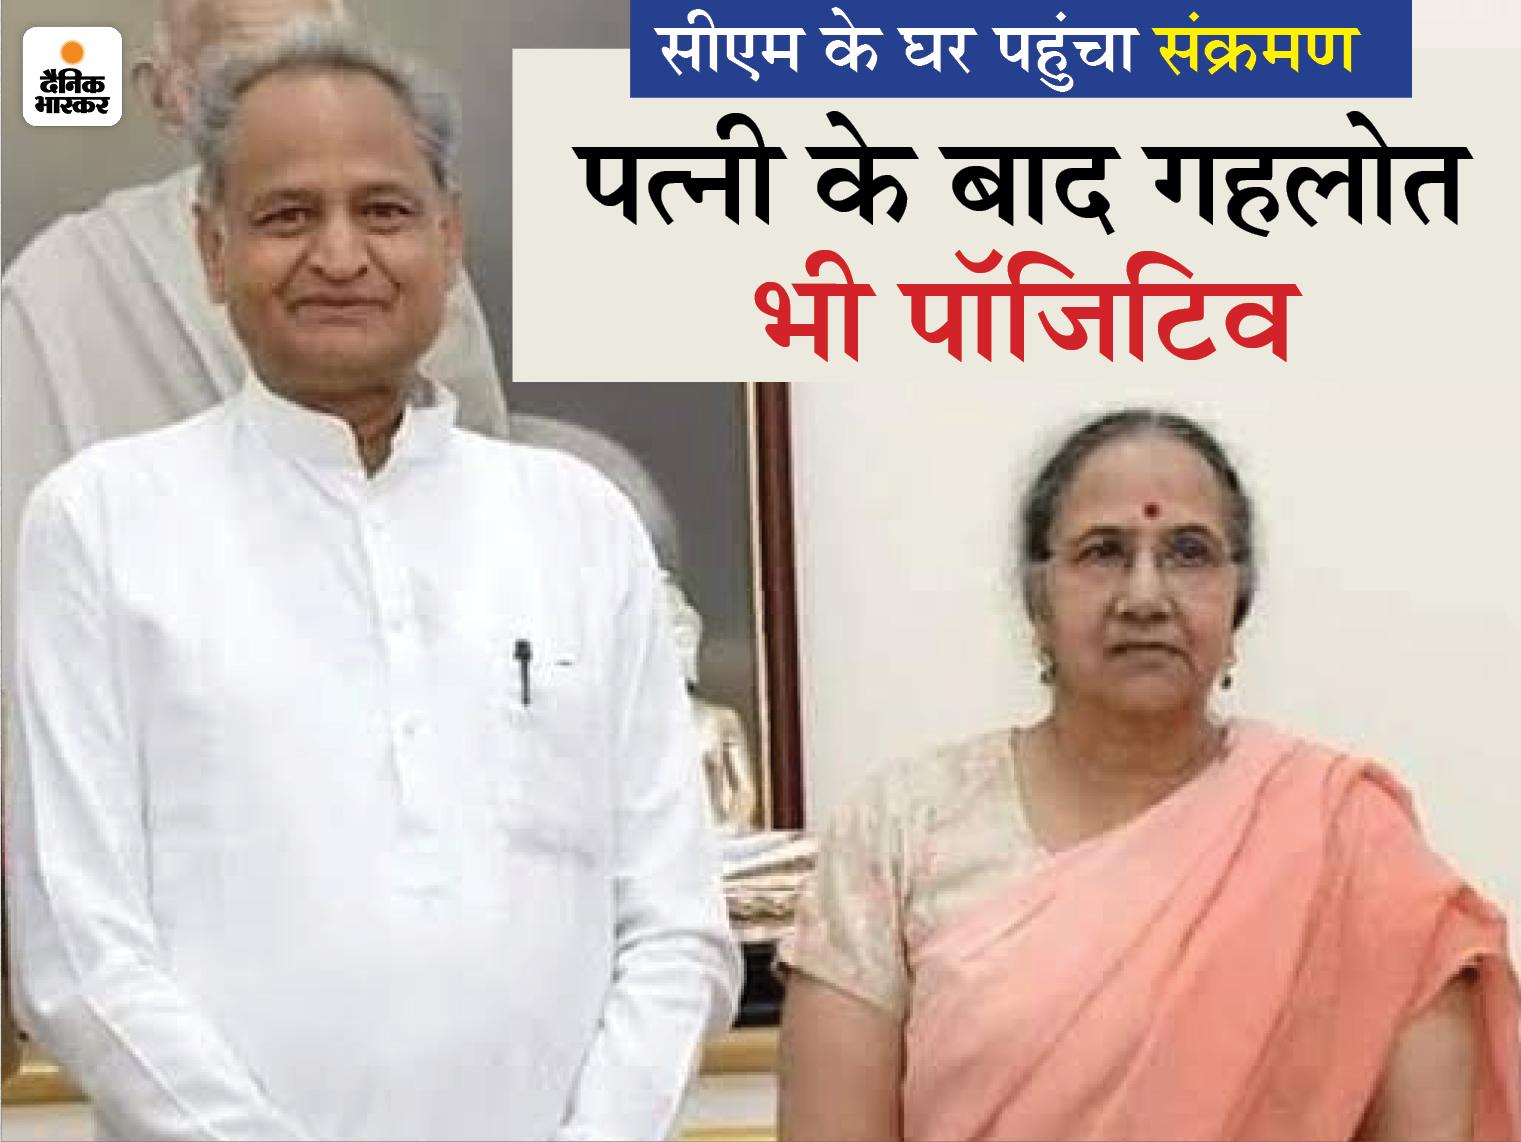 राजस्थान के मुख्यमंत्री संक्रमित हुए, एक दिन पहले ही उनकी पत्नी पॉजिटिव आई हैं|राजस्थान,Rajasthan - Dainik Bhaskar